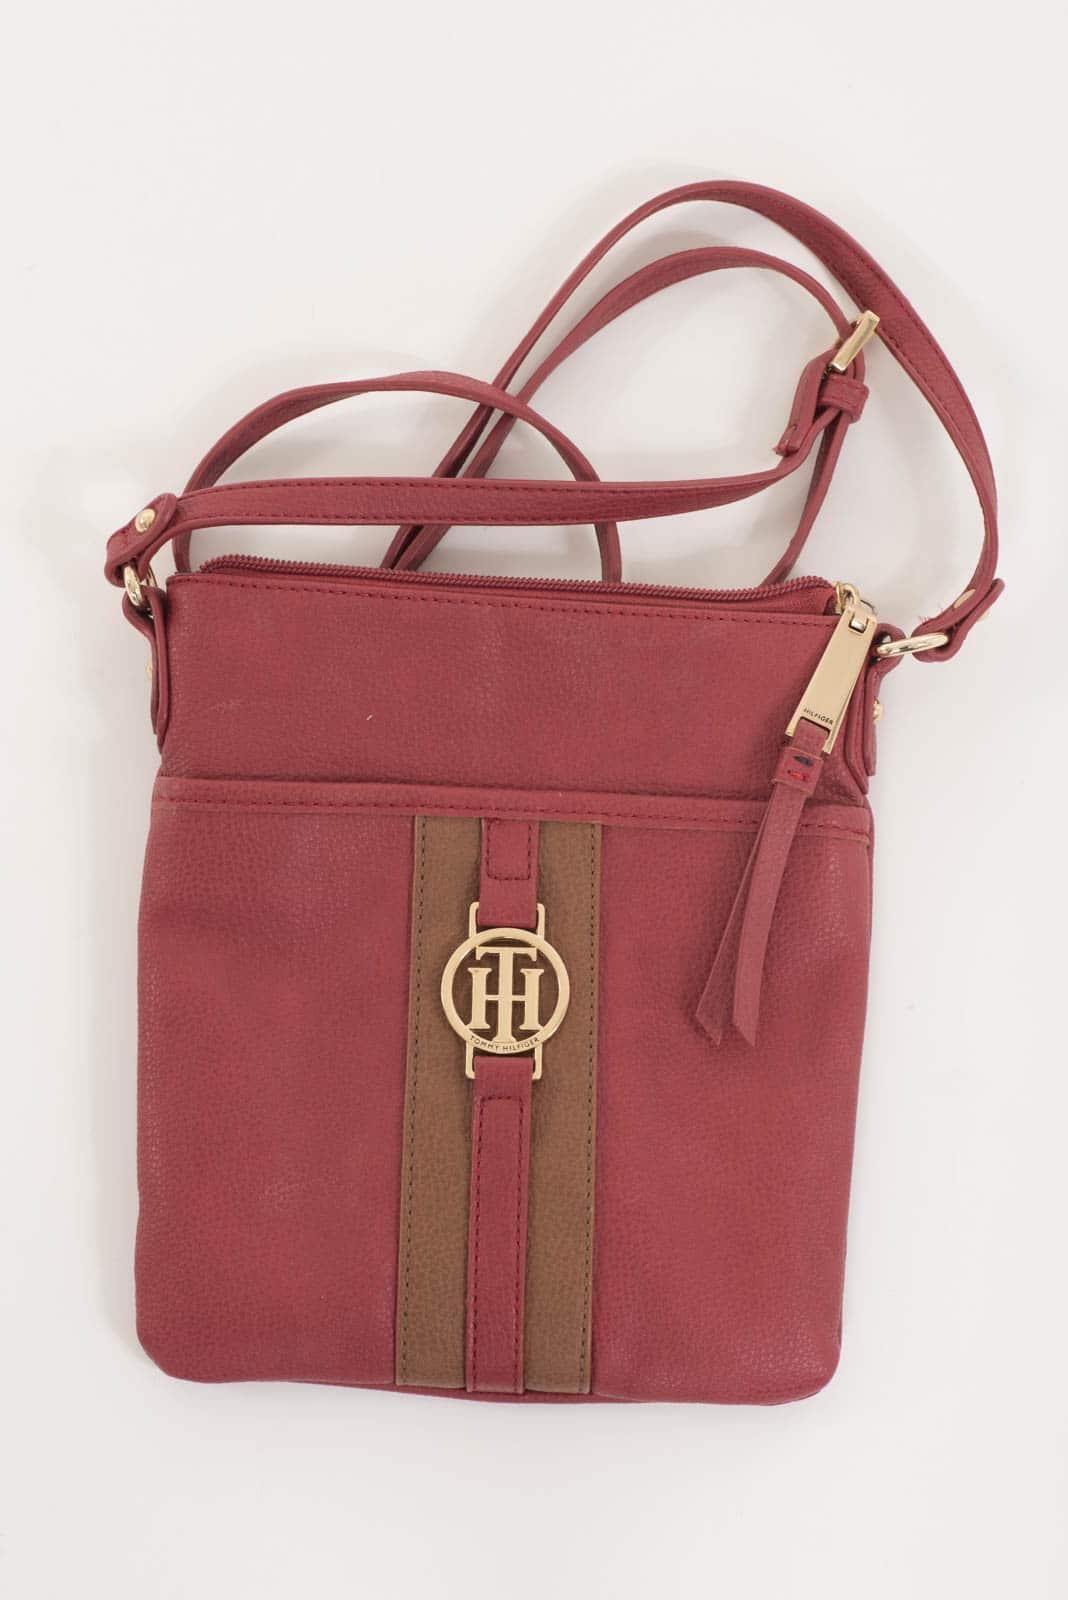 90ddc423db Tommy Hilfiger Red Faux Leather Cross Body Bag - DressXChange